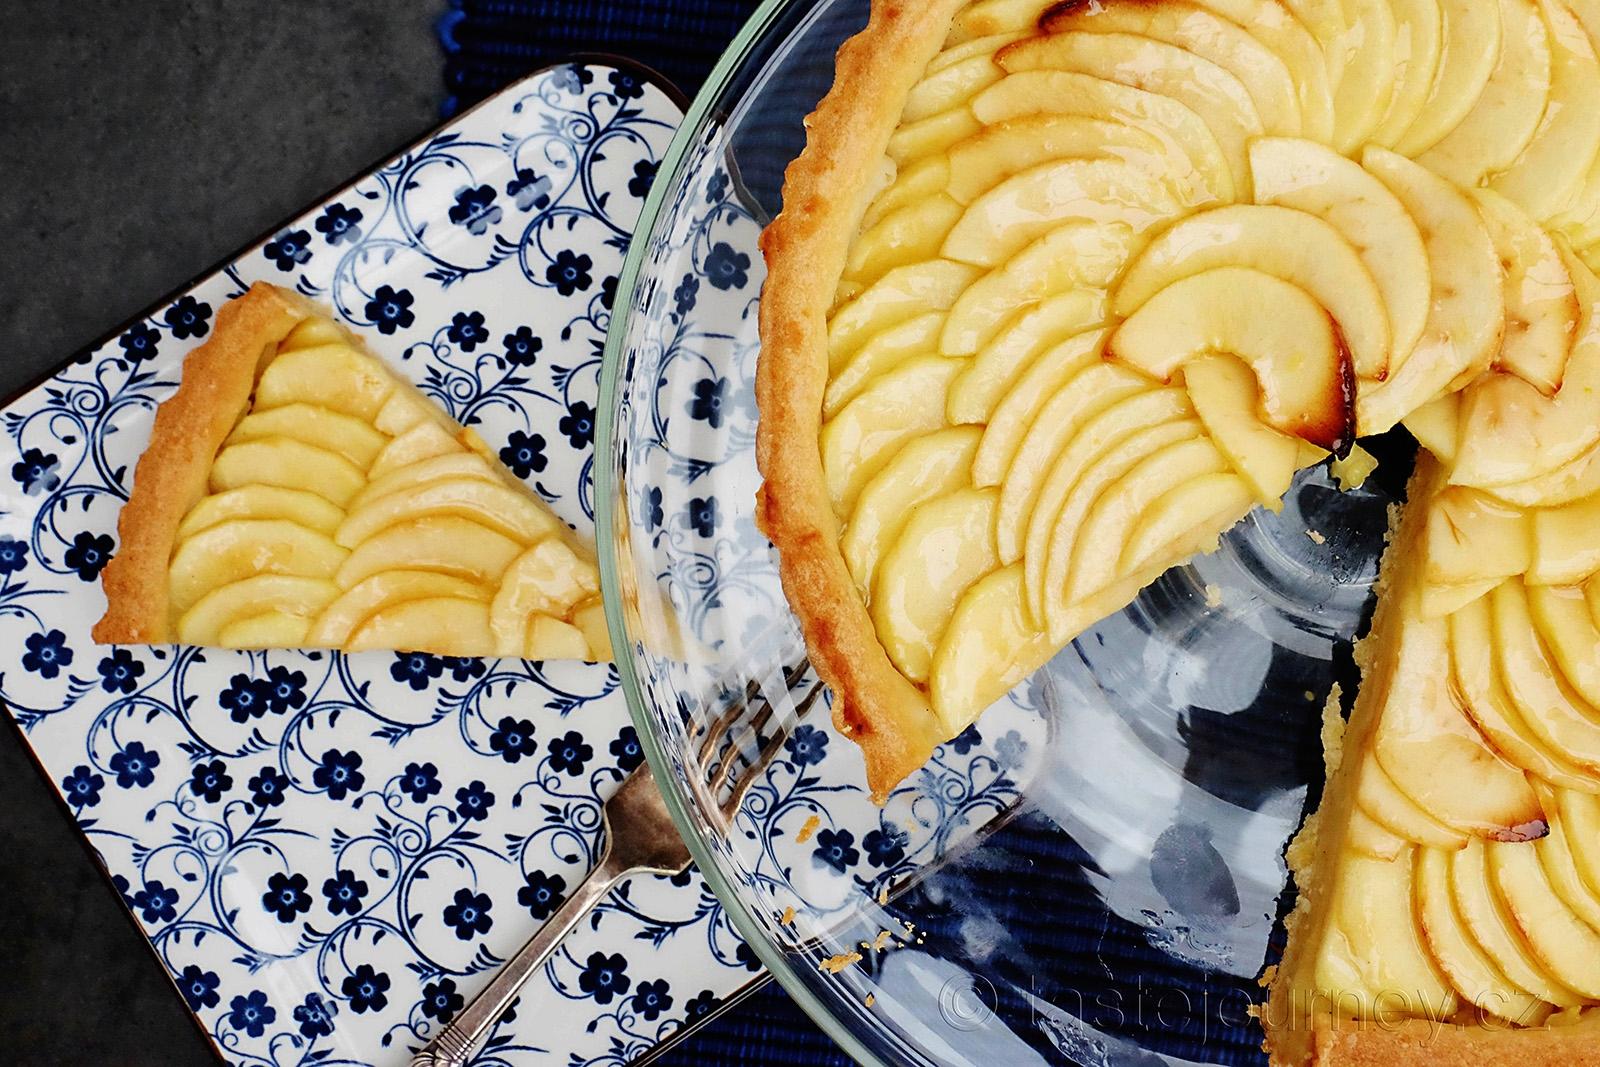 Sladké těsto v dokonalé kombinaci s jablky